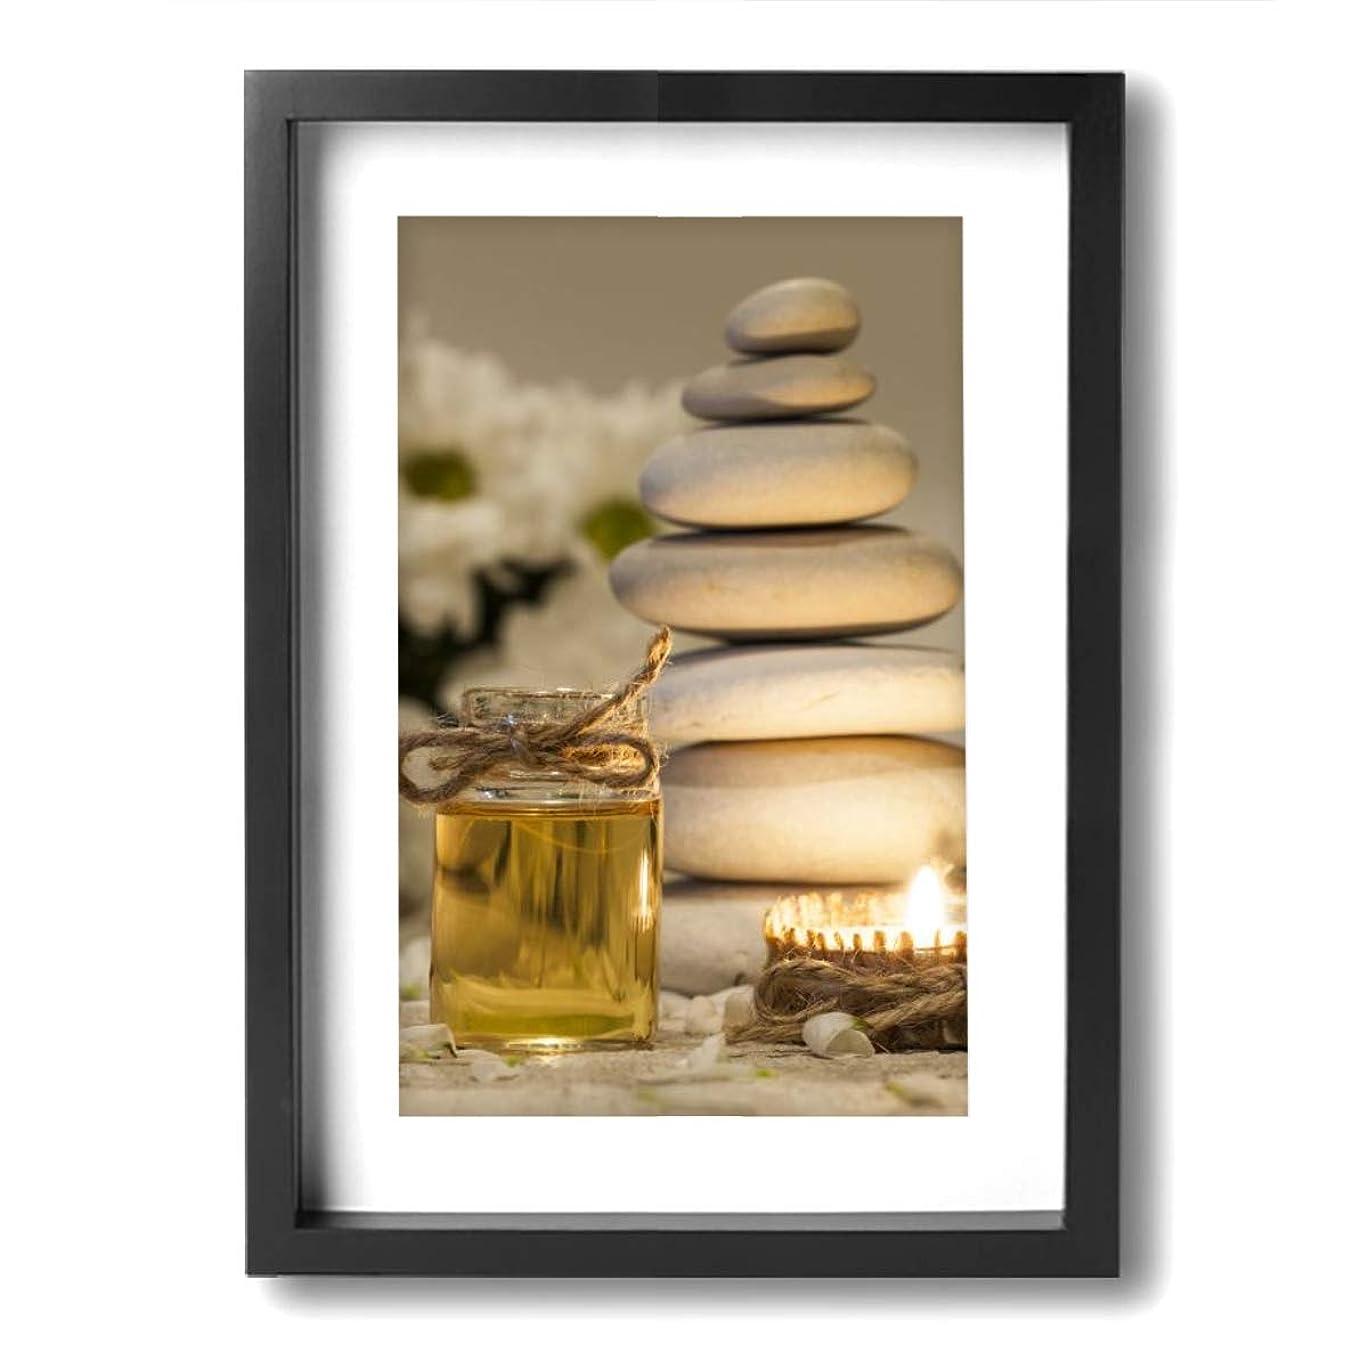 歪める首謀者香り魅力的な芸術 20x30cm Chamomile Essential Oil Chamomile Flowers キャンバスの壁アート 画像プリント絵画リビングルームの壁の装飾と家の装飾のための現代アートワークハングする準備ができて